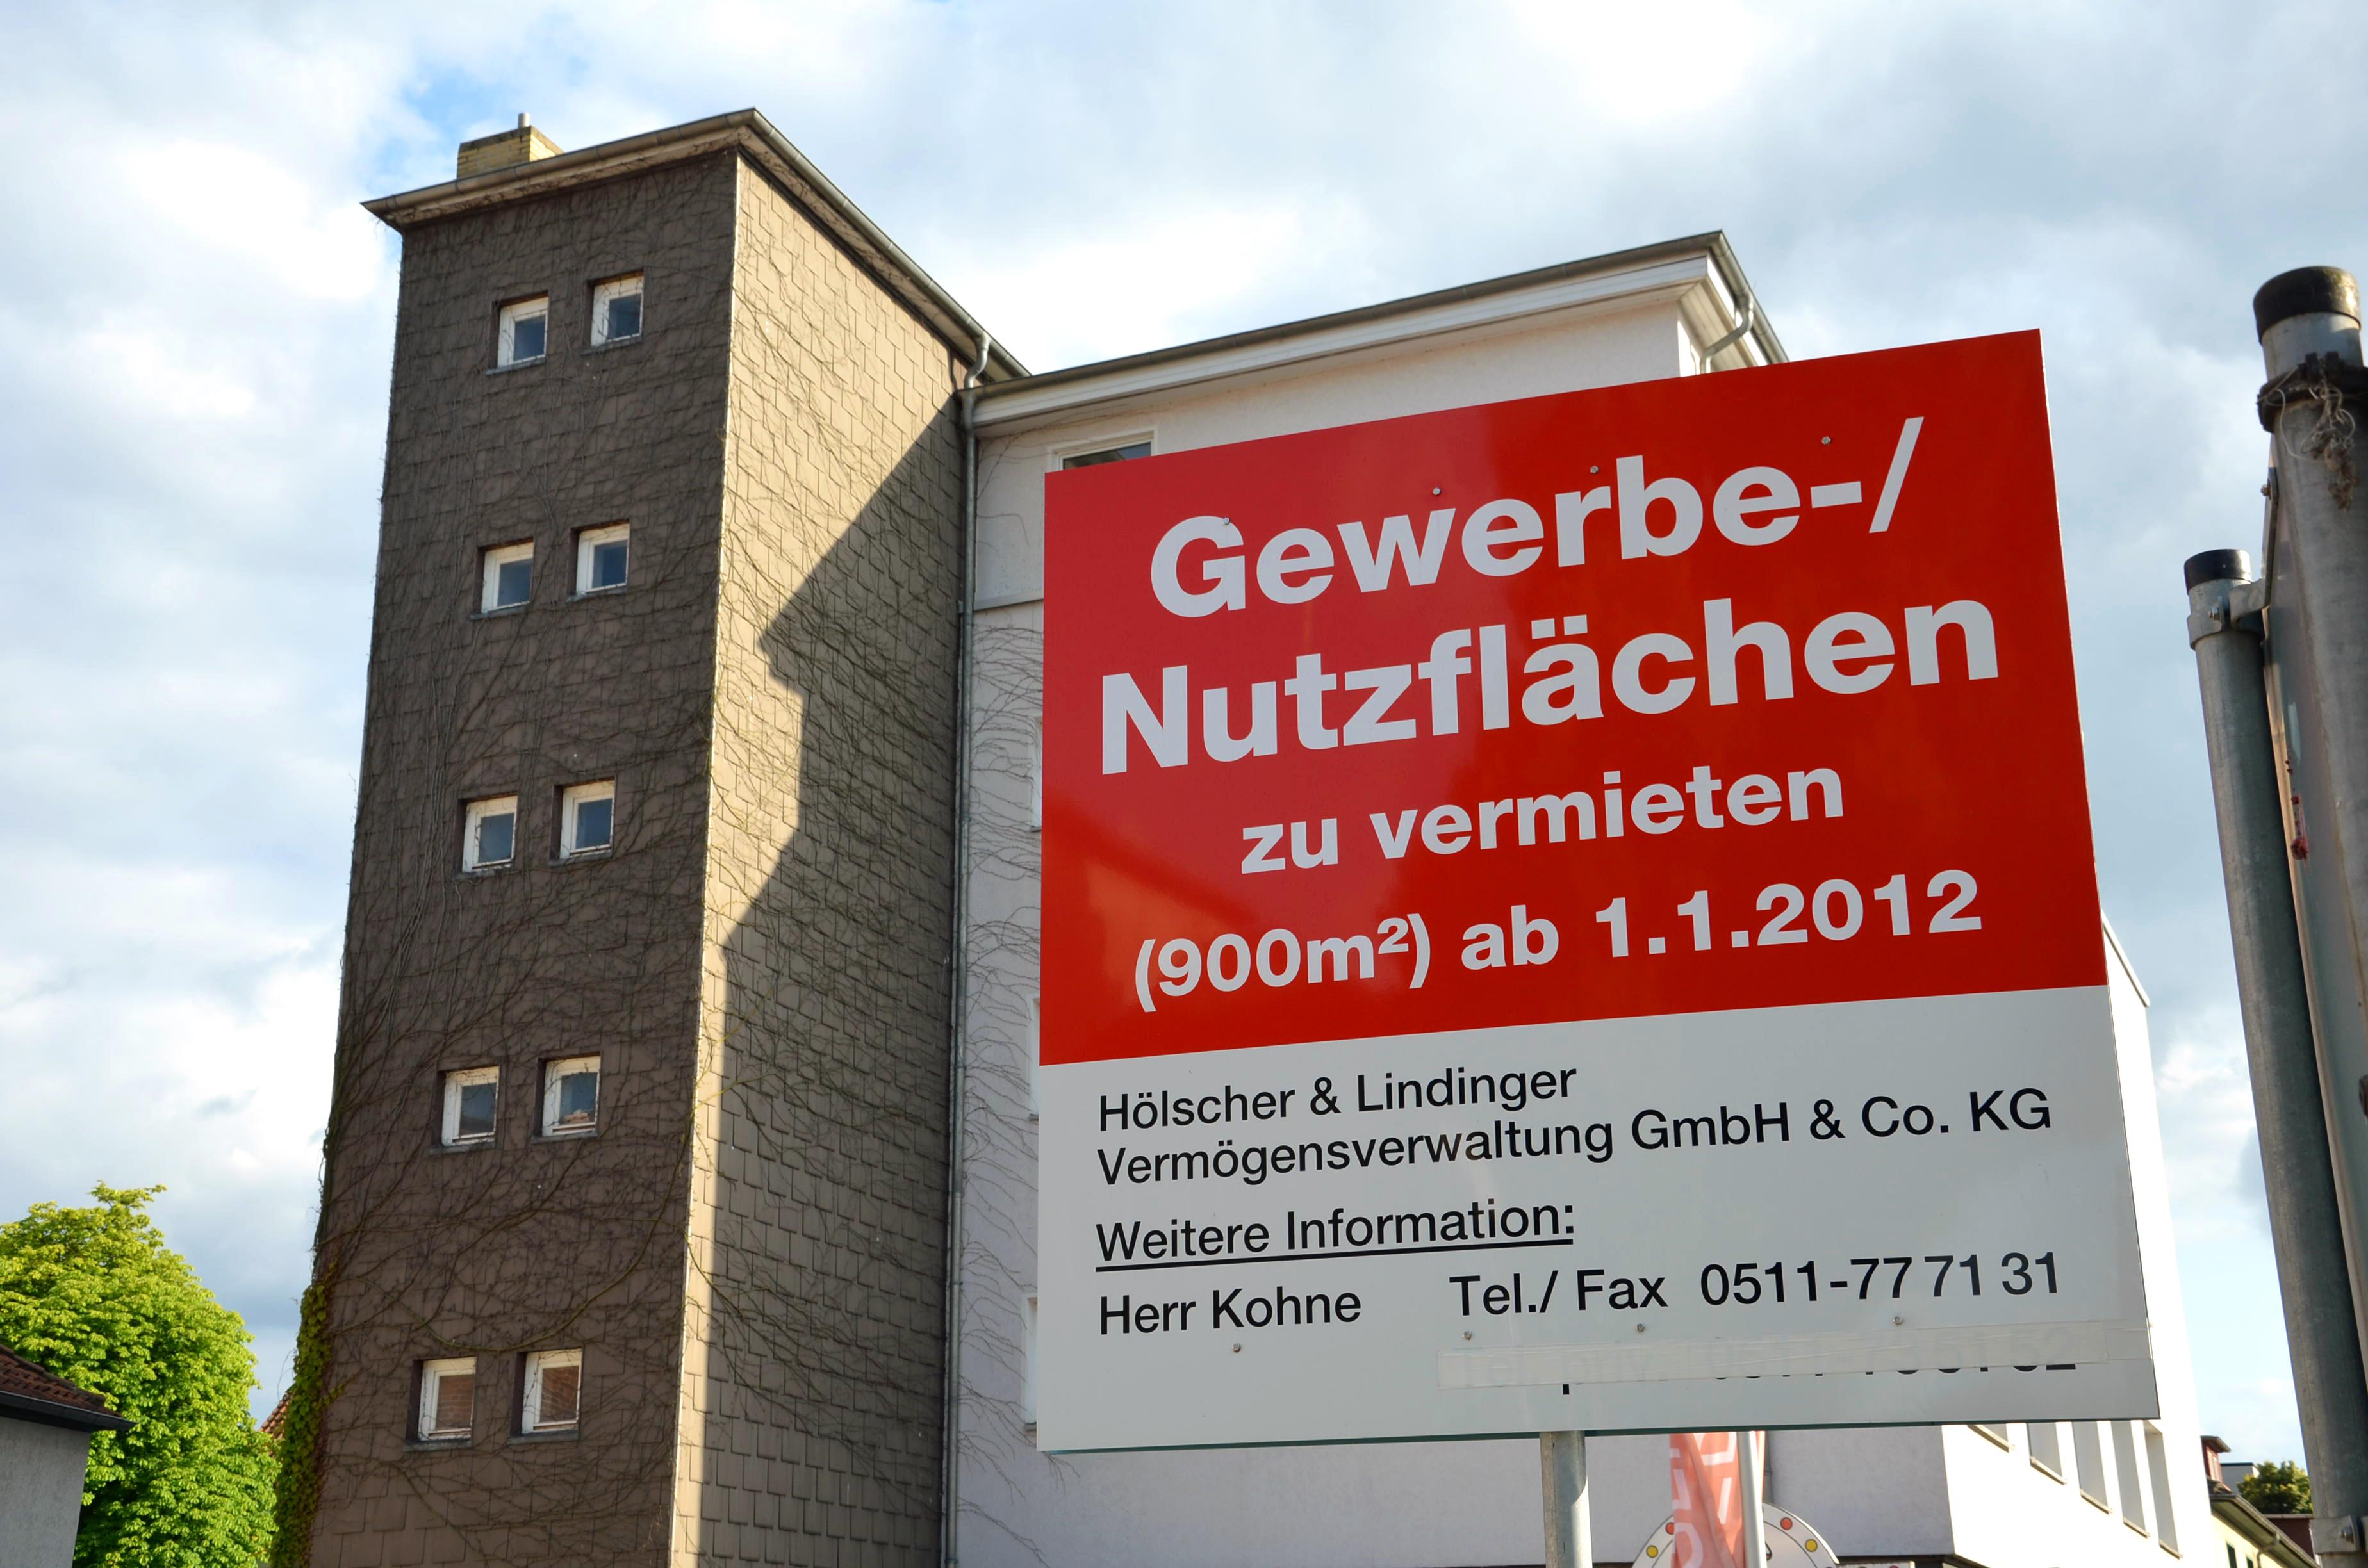 https://upload.wikimedia.org/wikipedia/commons/8/87/Gewerbe-%2C_Nutzfl%C3%A4chen_zu_vermieten%2C_900_qm_ab_1.1.2012%2C_H%C3%B6lscher_%26_Lindinger_Verm%C3%B6gensverwaltung_GmbH_%26_Co._KG%2C_auf_dem_Gel%C3%A4nde_der_ehemaligen_Norta%2C_Norddeutsche_Tapetenfabrik_H%C3%B6lscher_%26_Breimer.jpg